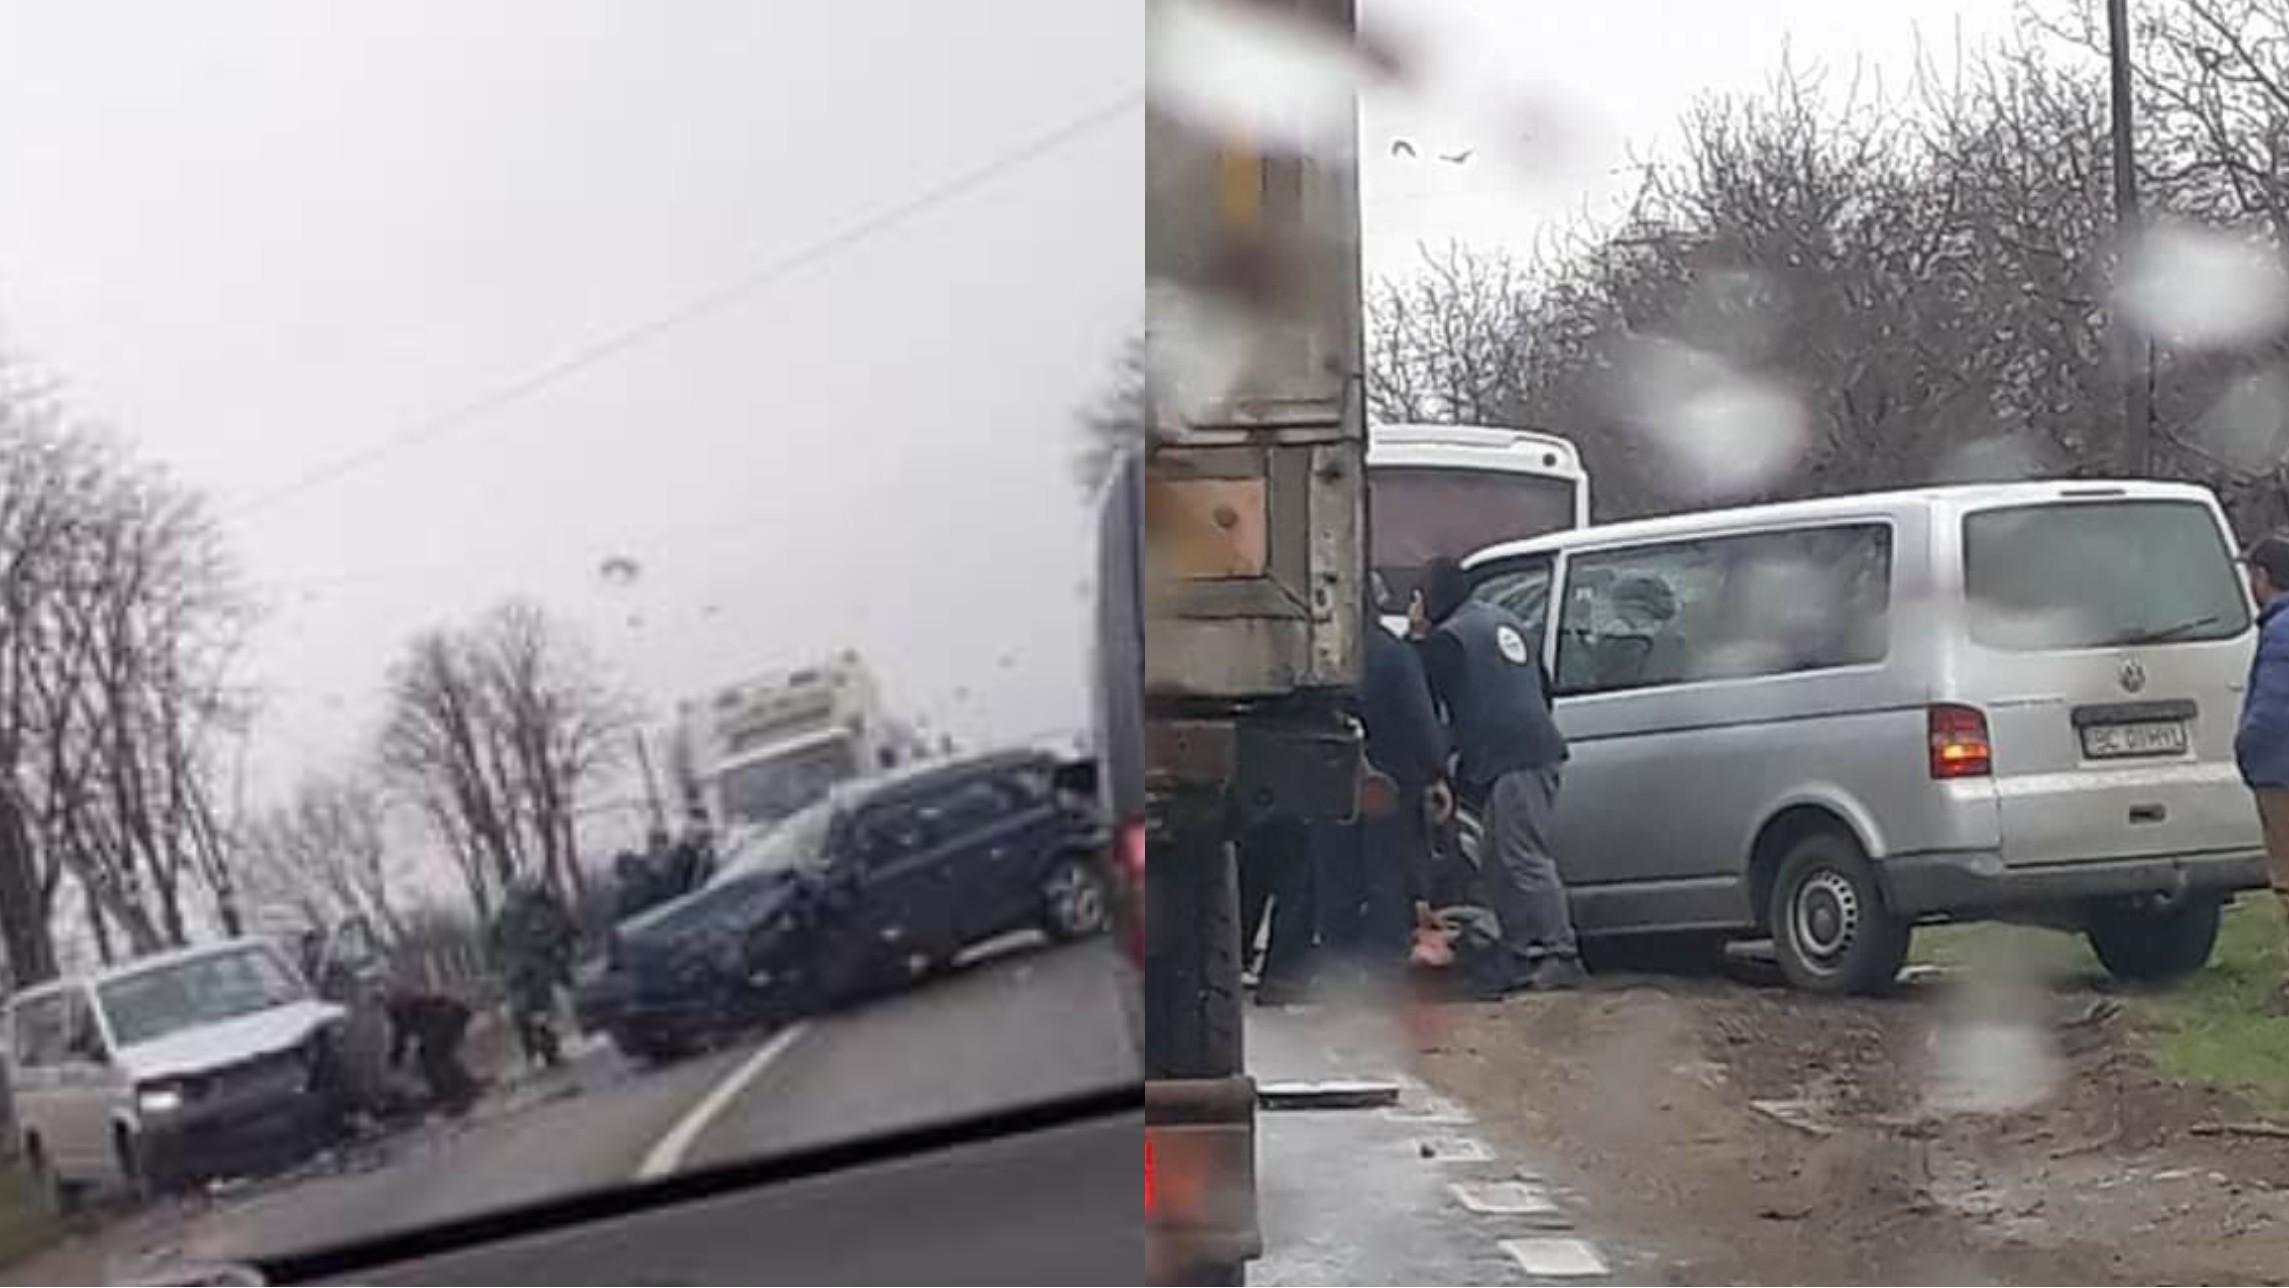 Foto | Două victime în urma unui impact fontal între un microbuz și un autoturism în Bacău